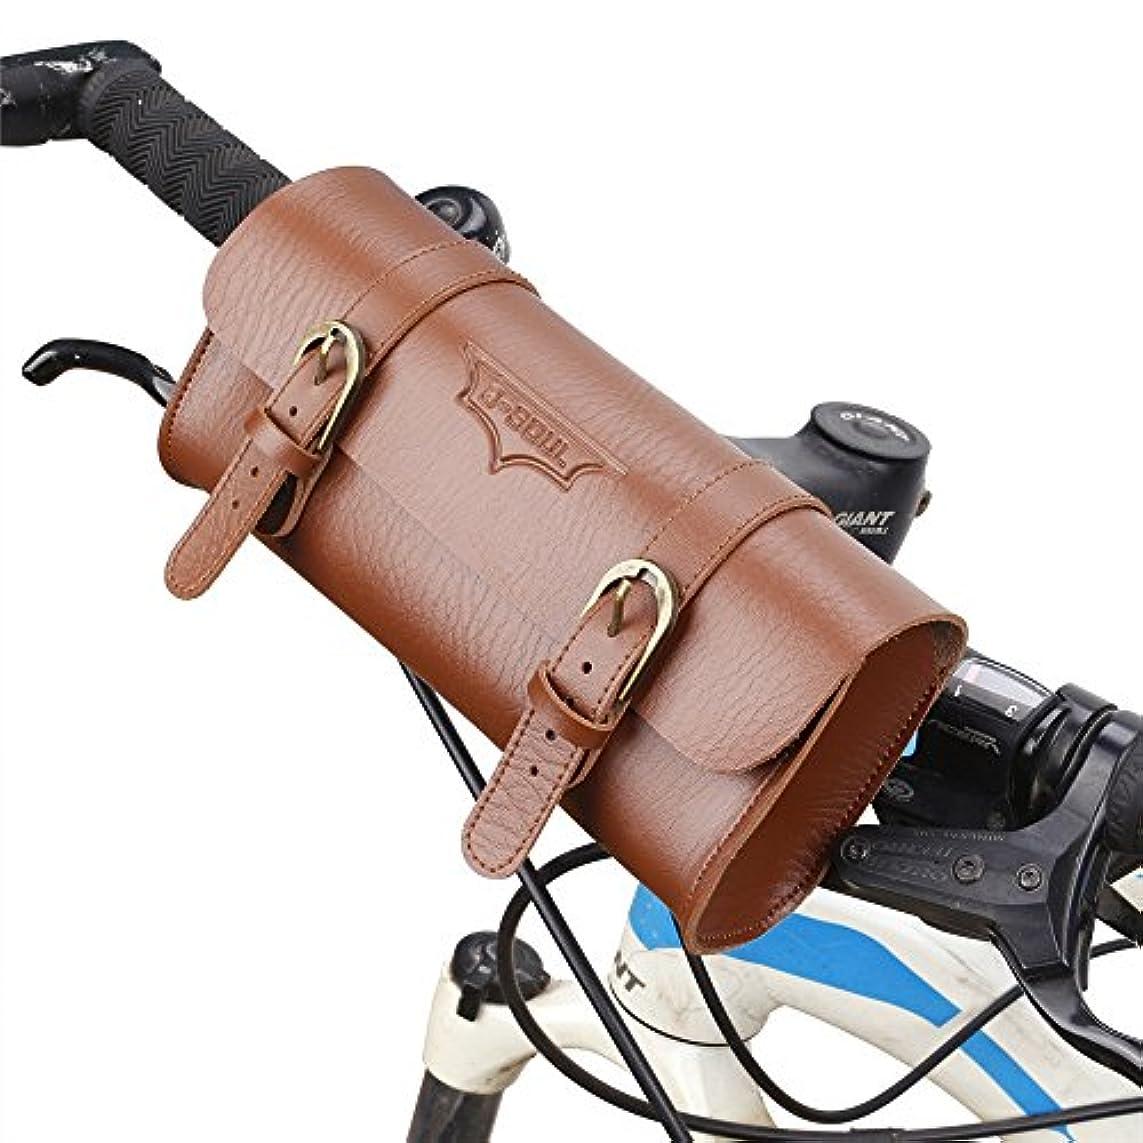 騒乱オレンジ厚い自転車サドルバッグ完全防水自転車パニエ革自転車収納バッグ、レトロスタイル自転車フロントフレームバッグ、快適なソフトハンドルバーツールバッグ、自転車ポーチサイクリング用アクセサリー サドルバッグ?フレームバッグ (色 : 褐色)